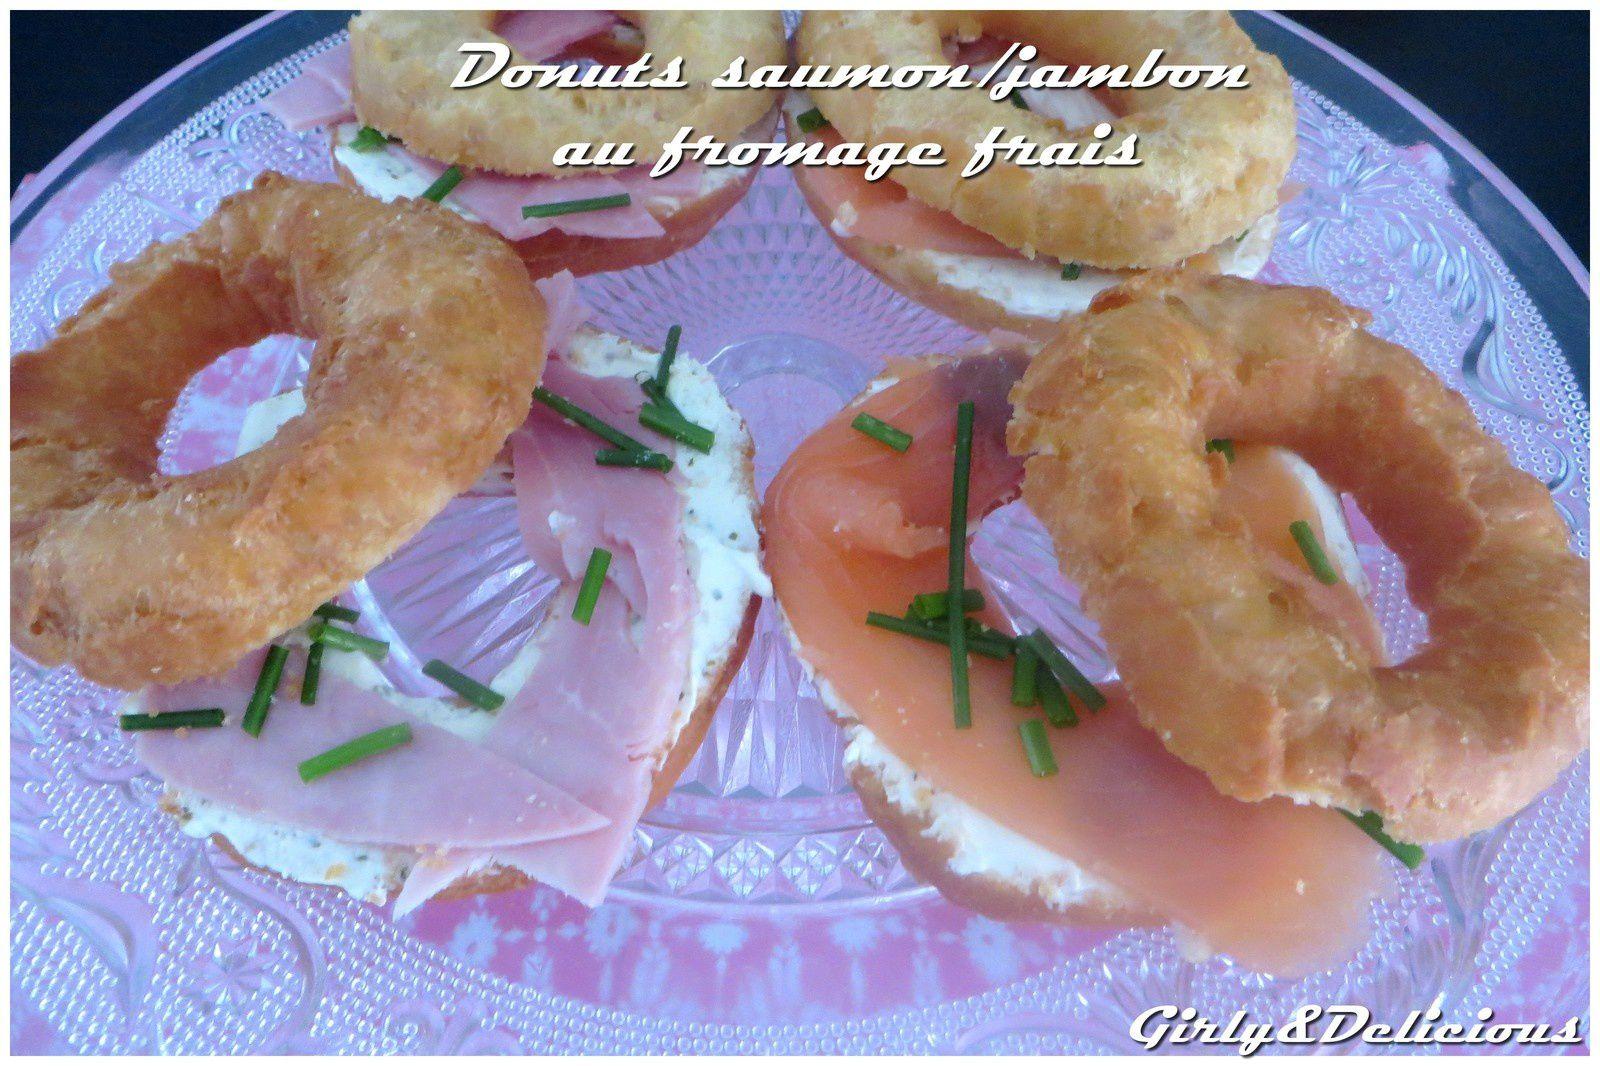 Donuts au saumon ou jambon et au fromage frais